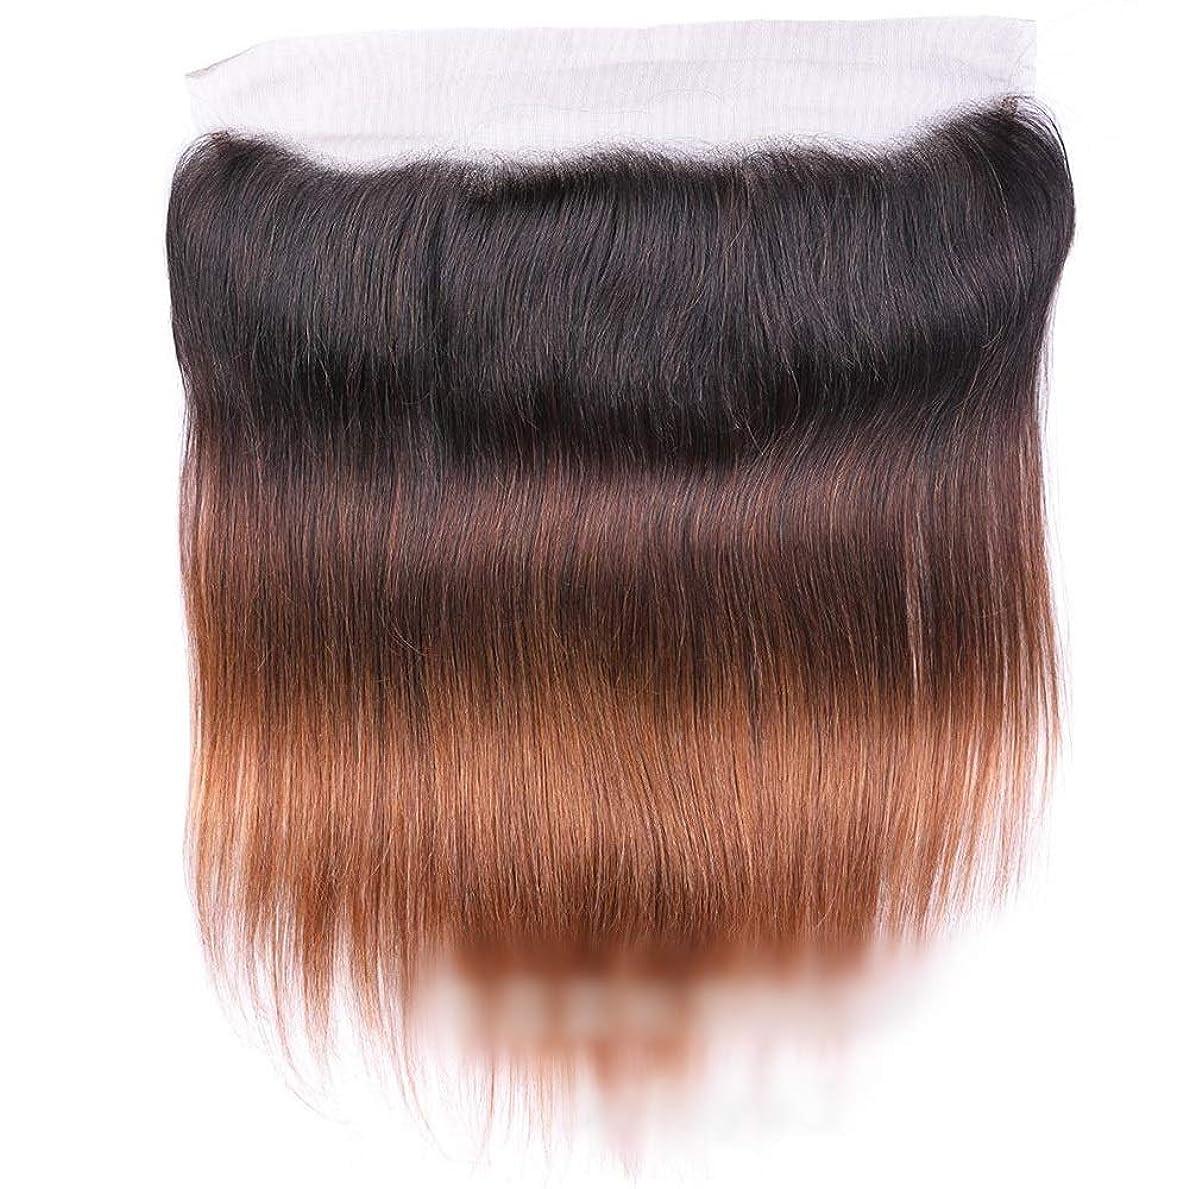 テキスト先生横にHOHYLLYA オンブルブラジルバージンヘアストレートレース閉鎖人間の髪の毛1B / 4/30 3トーンカラー(8インチ18インチ)ロングストレートヘアウィッグ (Color : ブラウン, サイズ : 18 inch)